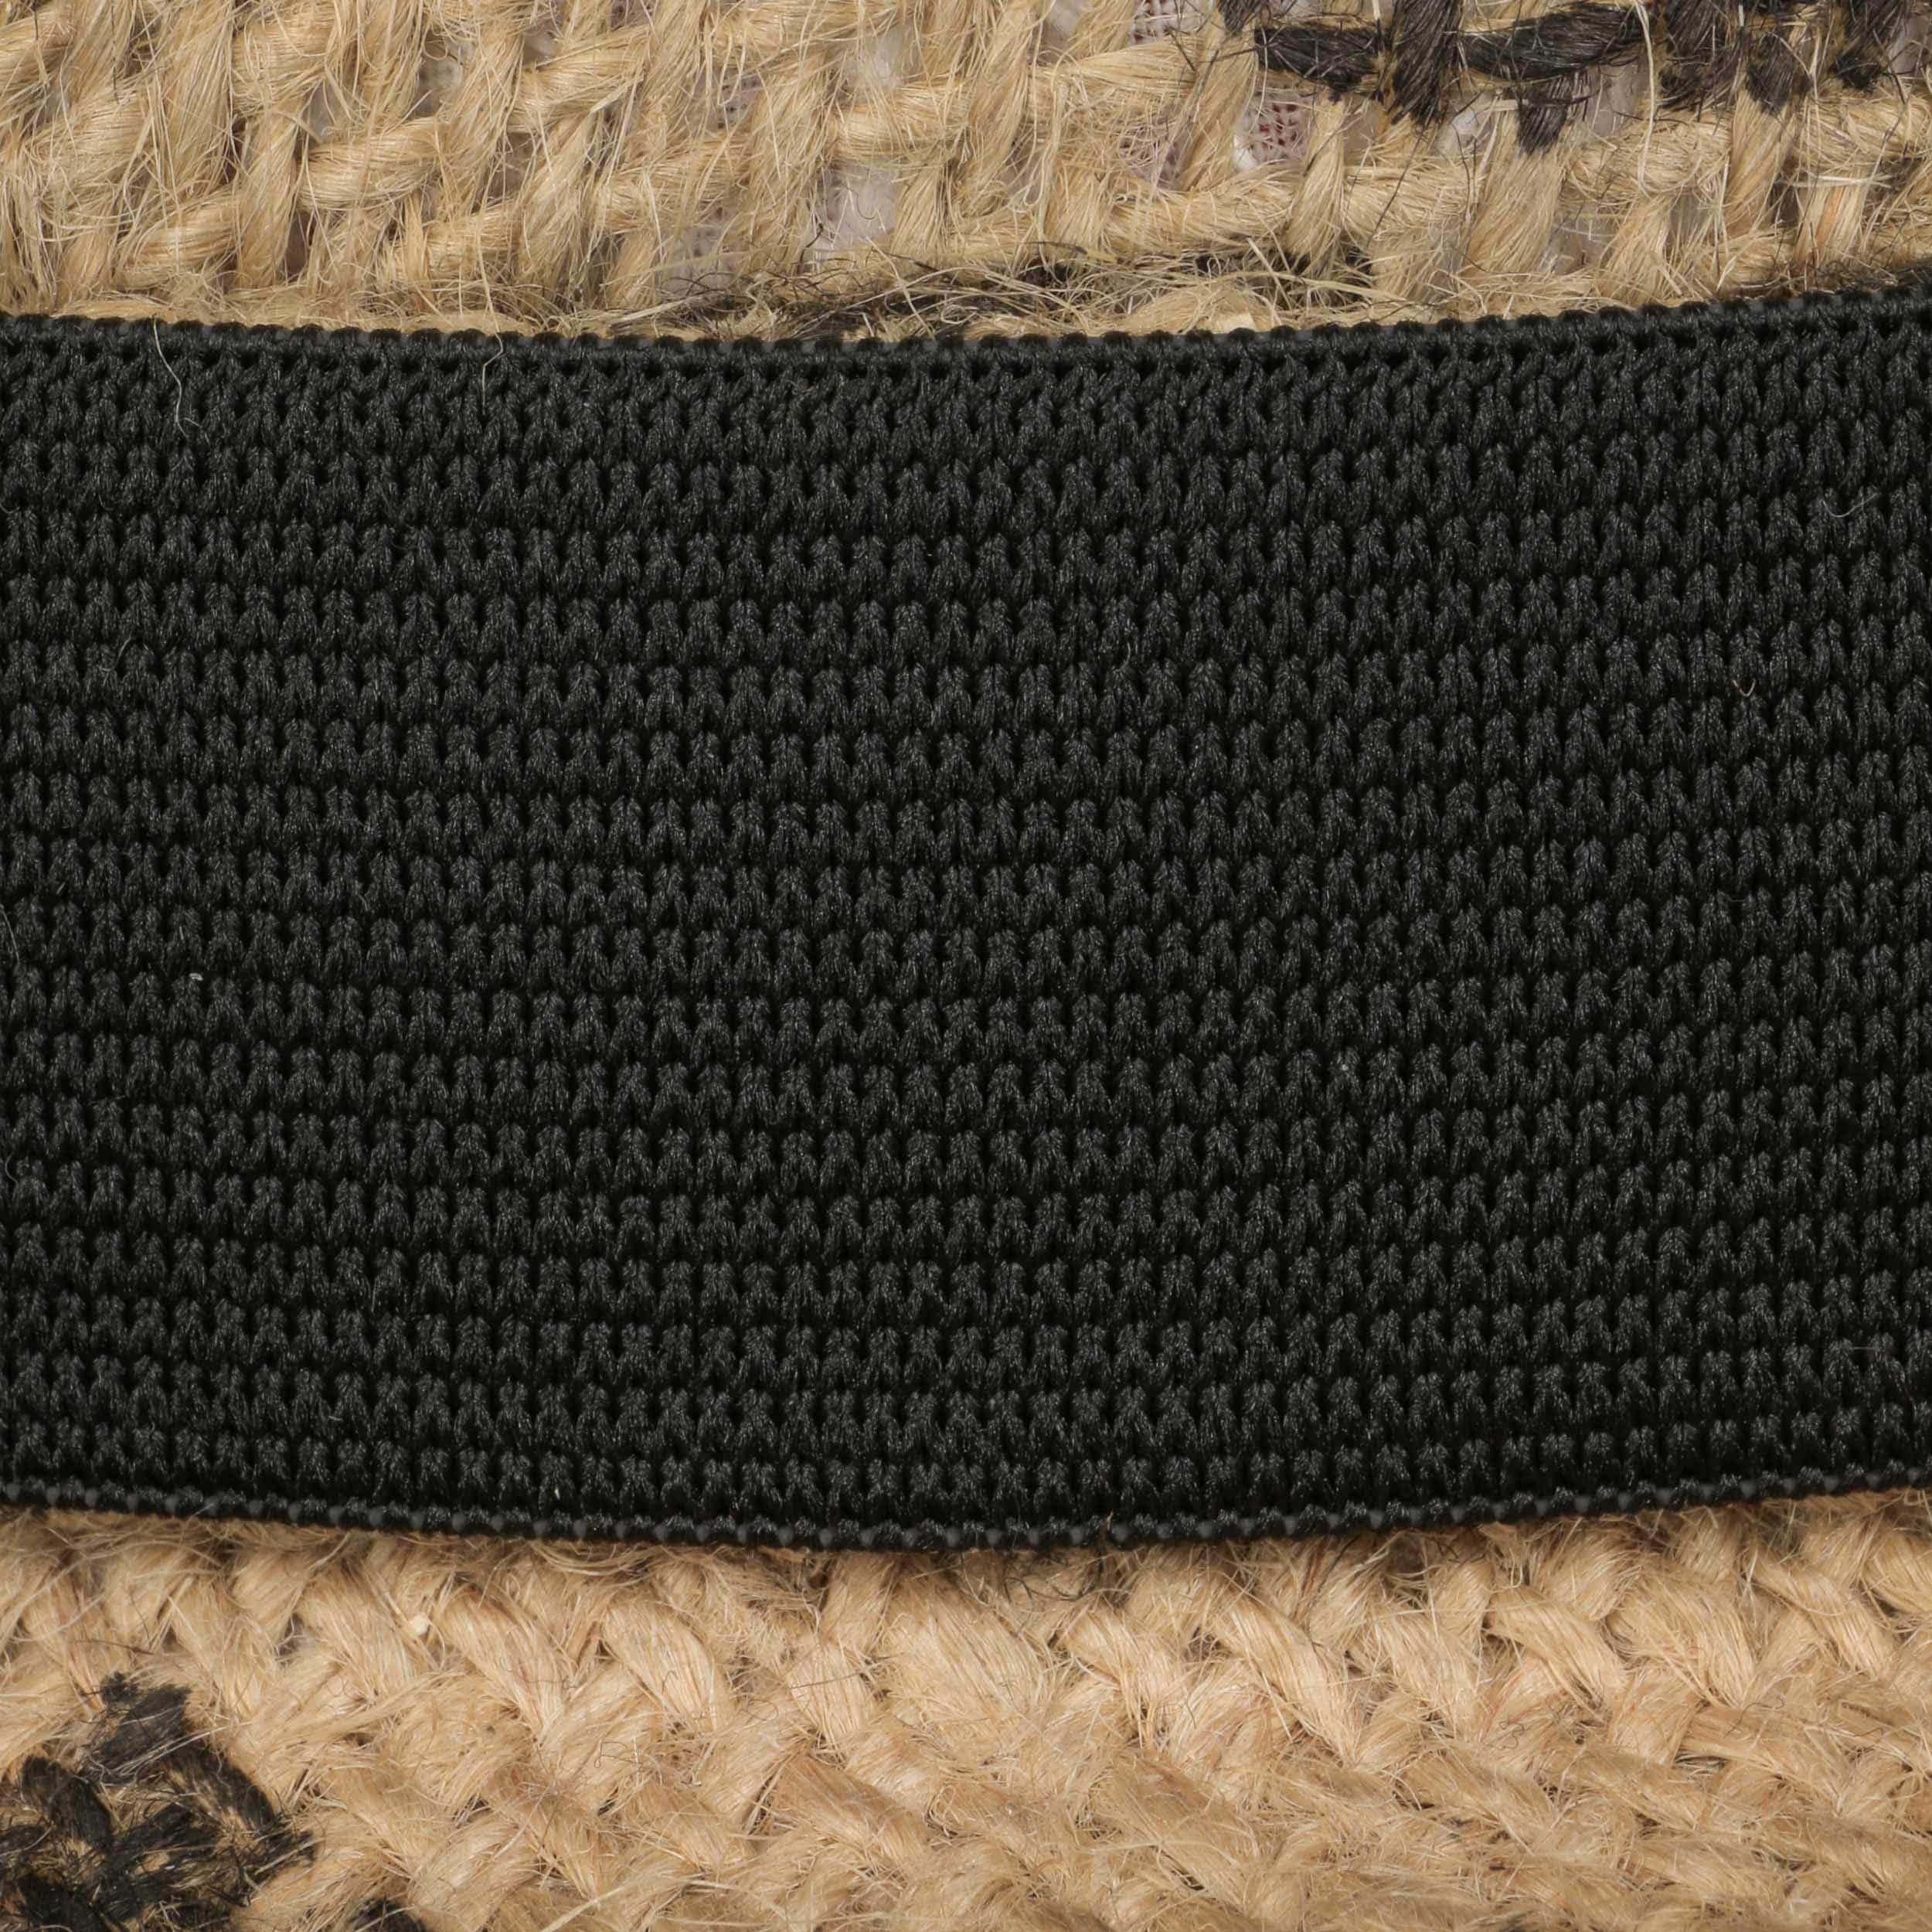 ... Café Elephant Pork Pie Hat by ReHats - nature-black 5 ... 8945d474f7c